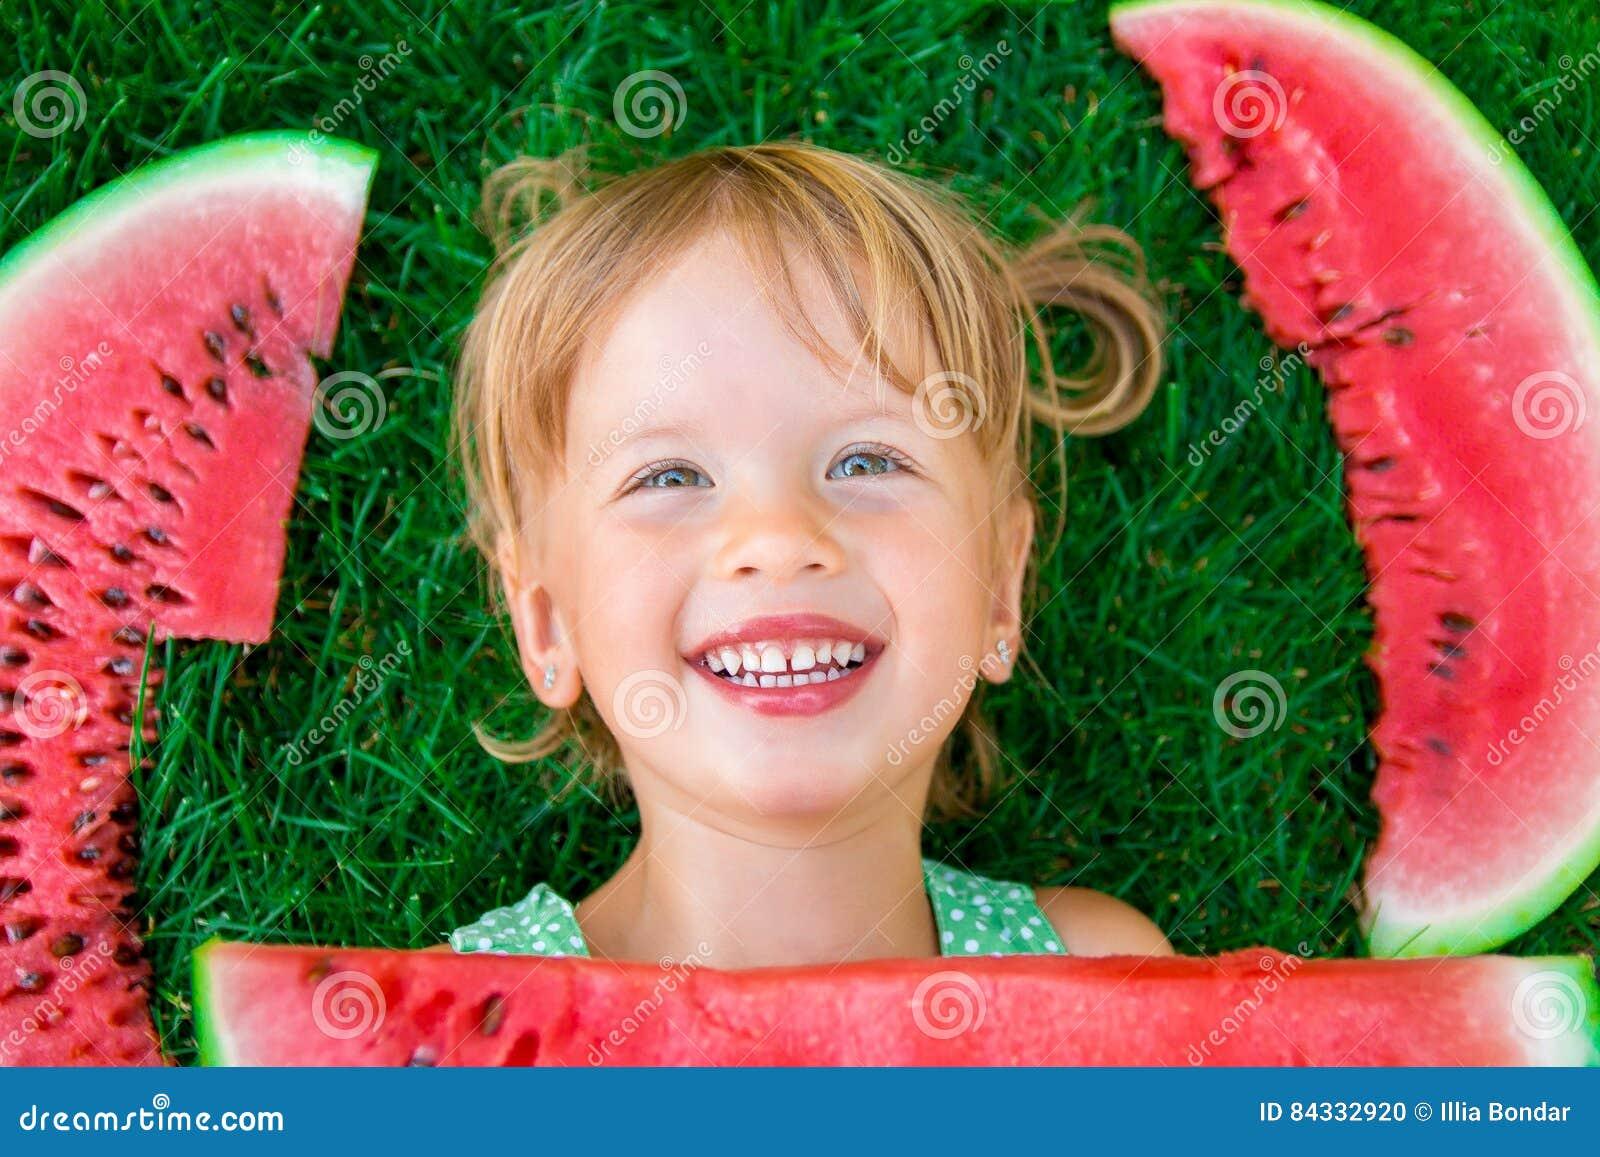 Ευτυχής λίγο ξανθό κορίτσι που βρίσκεται στη χλόη με το μεγάλο καρπούζι φετών στο θερινό χρόνο Χαμόγελο Τοπ όψη